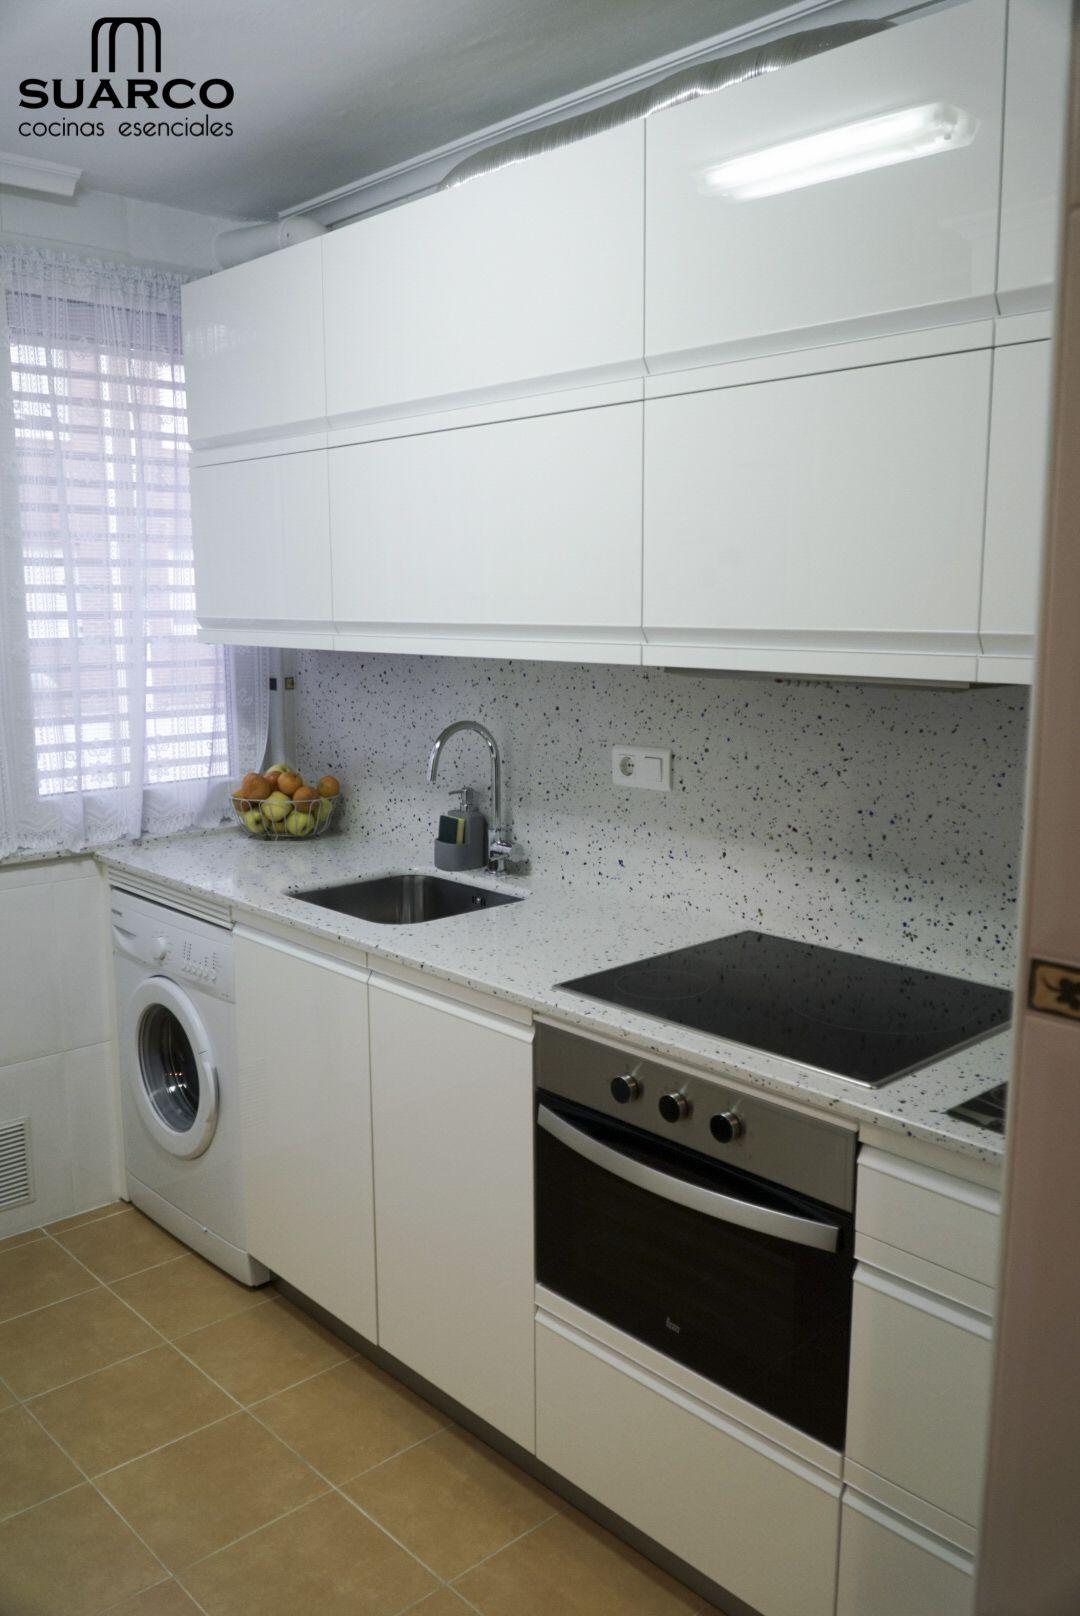 Cocina blanco brillo cocinas suarco cocinas blancas - Cocinas suarco ...